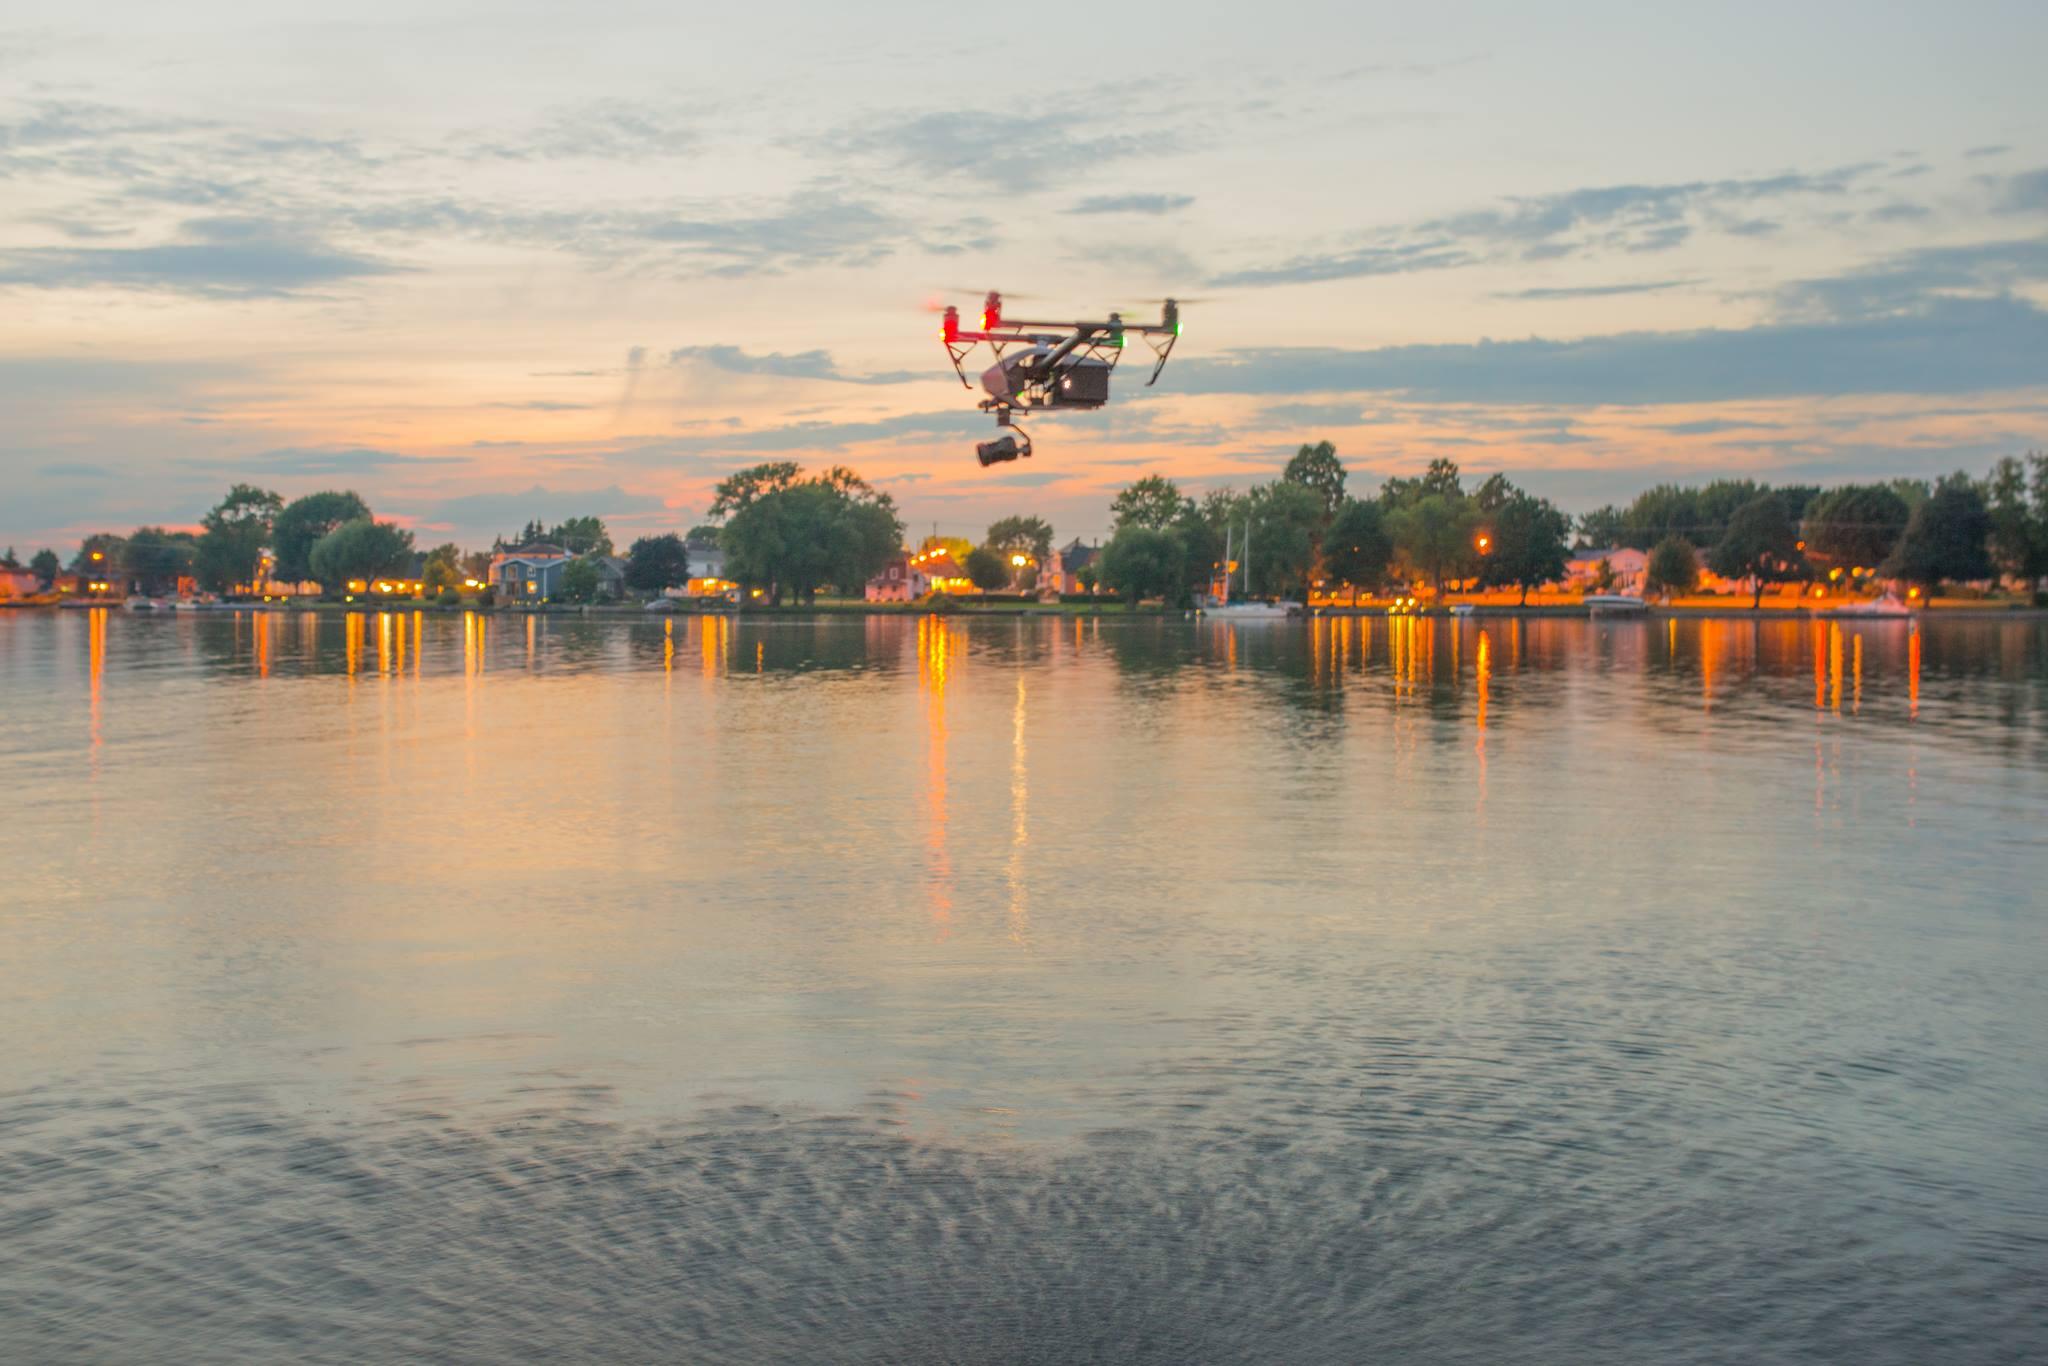 Drone_orbital_developpement_technologie_drone.jpg